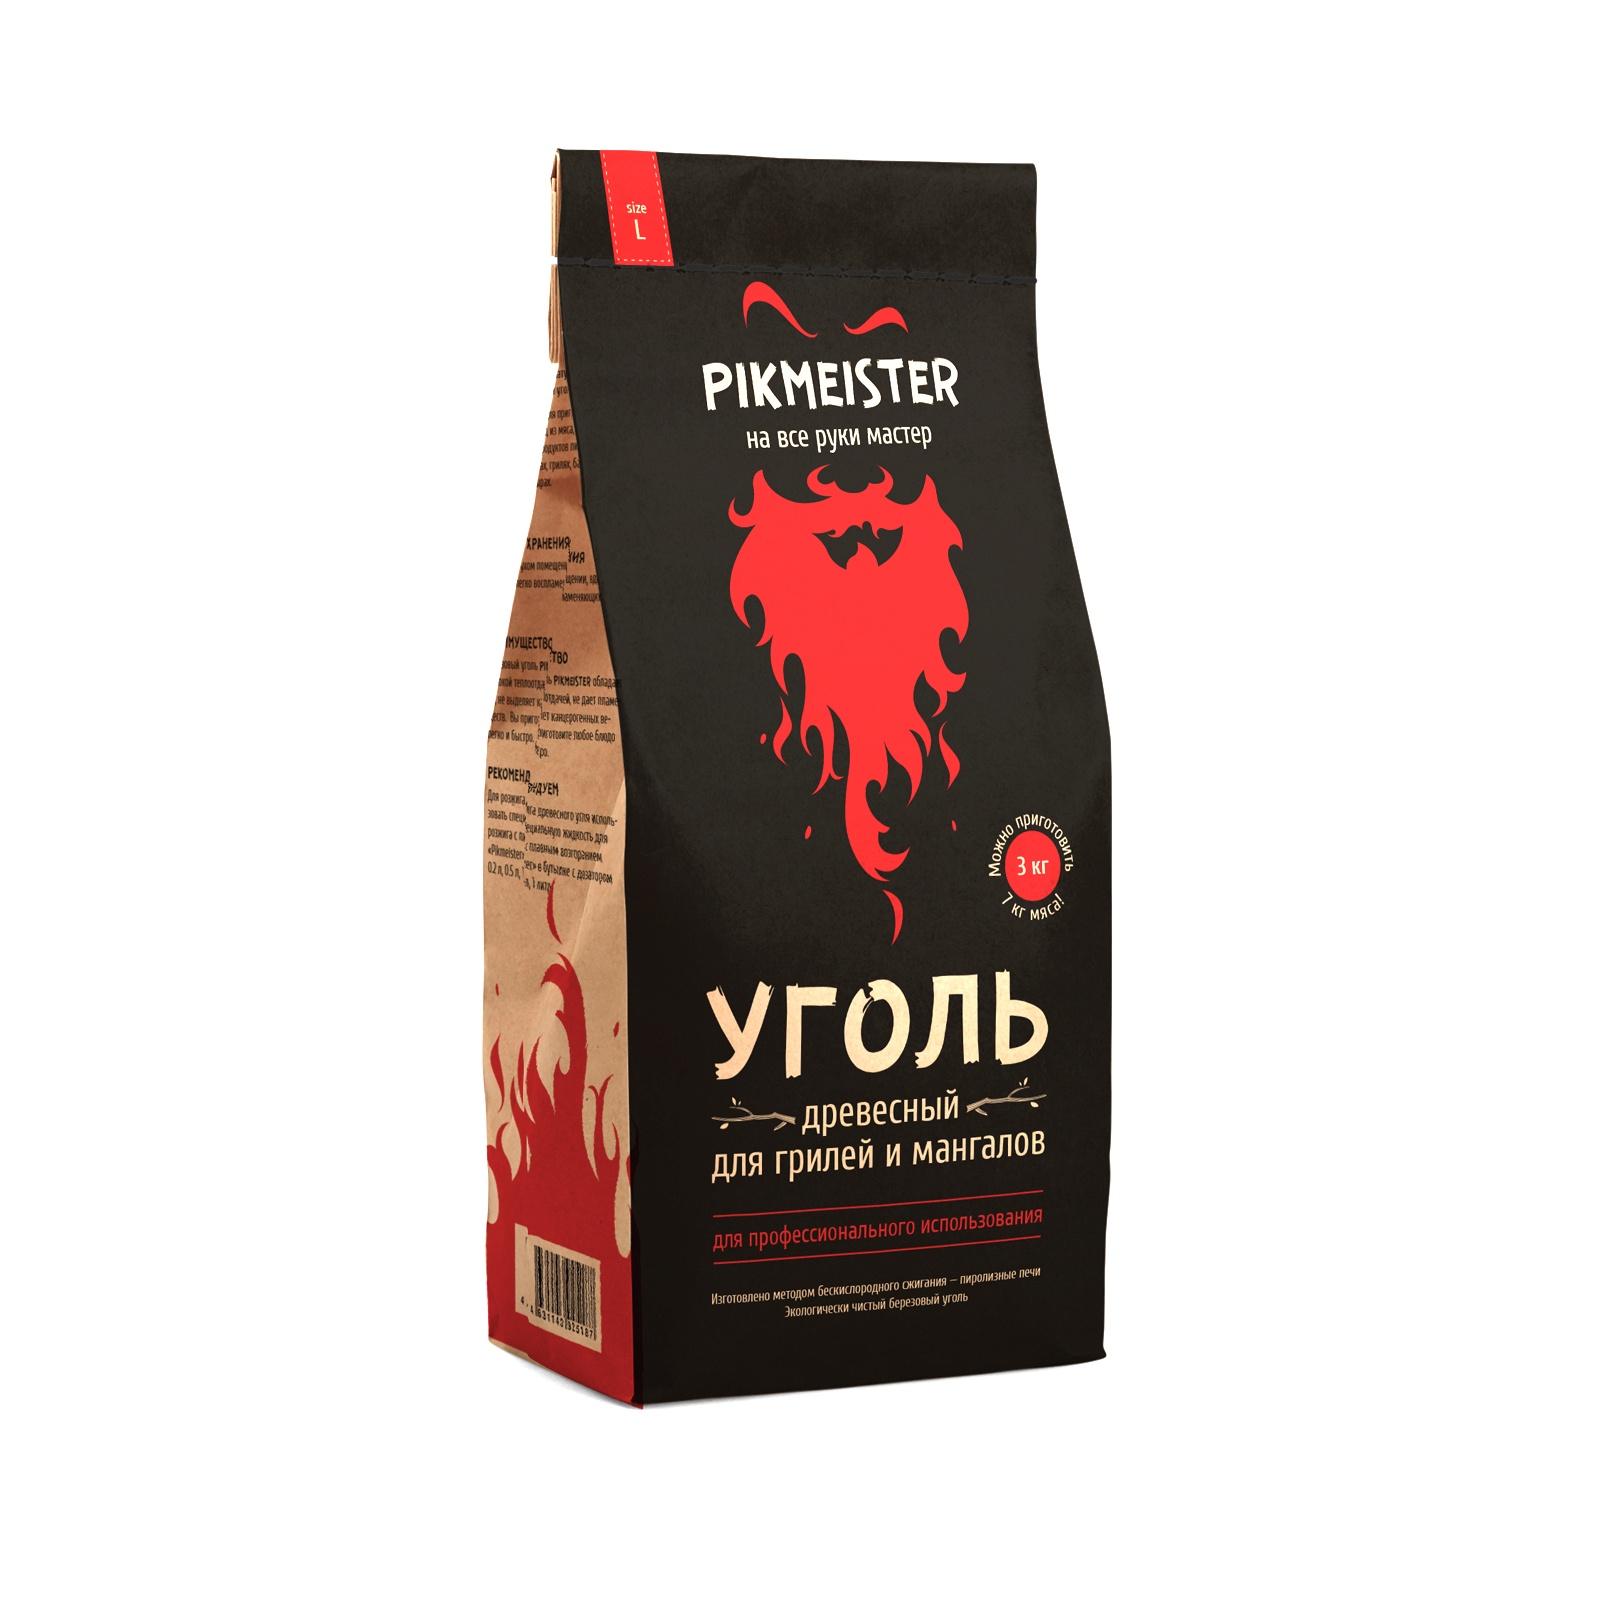 Уголь древесный Pikmeister L в пакете (3 кг, 20 л) уголь берёзовый сamping рalisad 3 кг